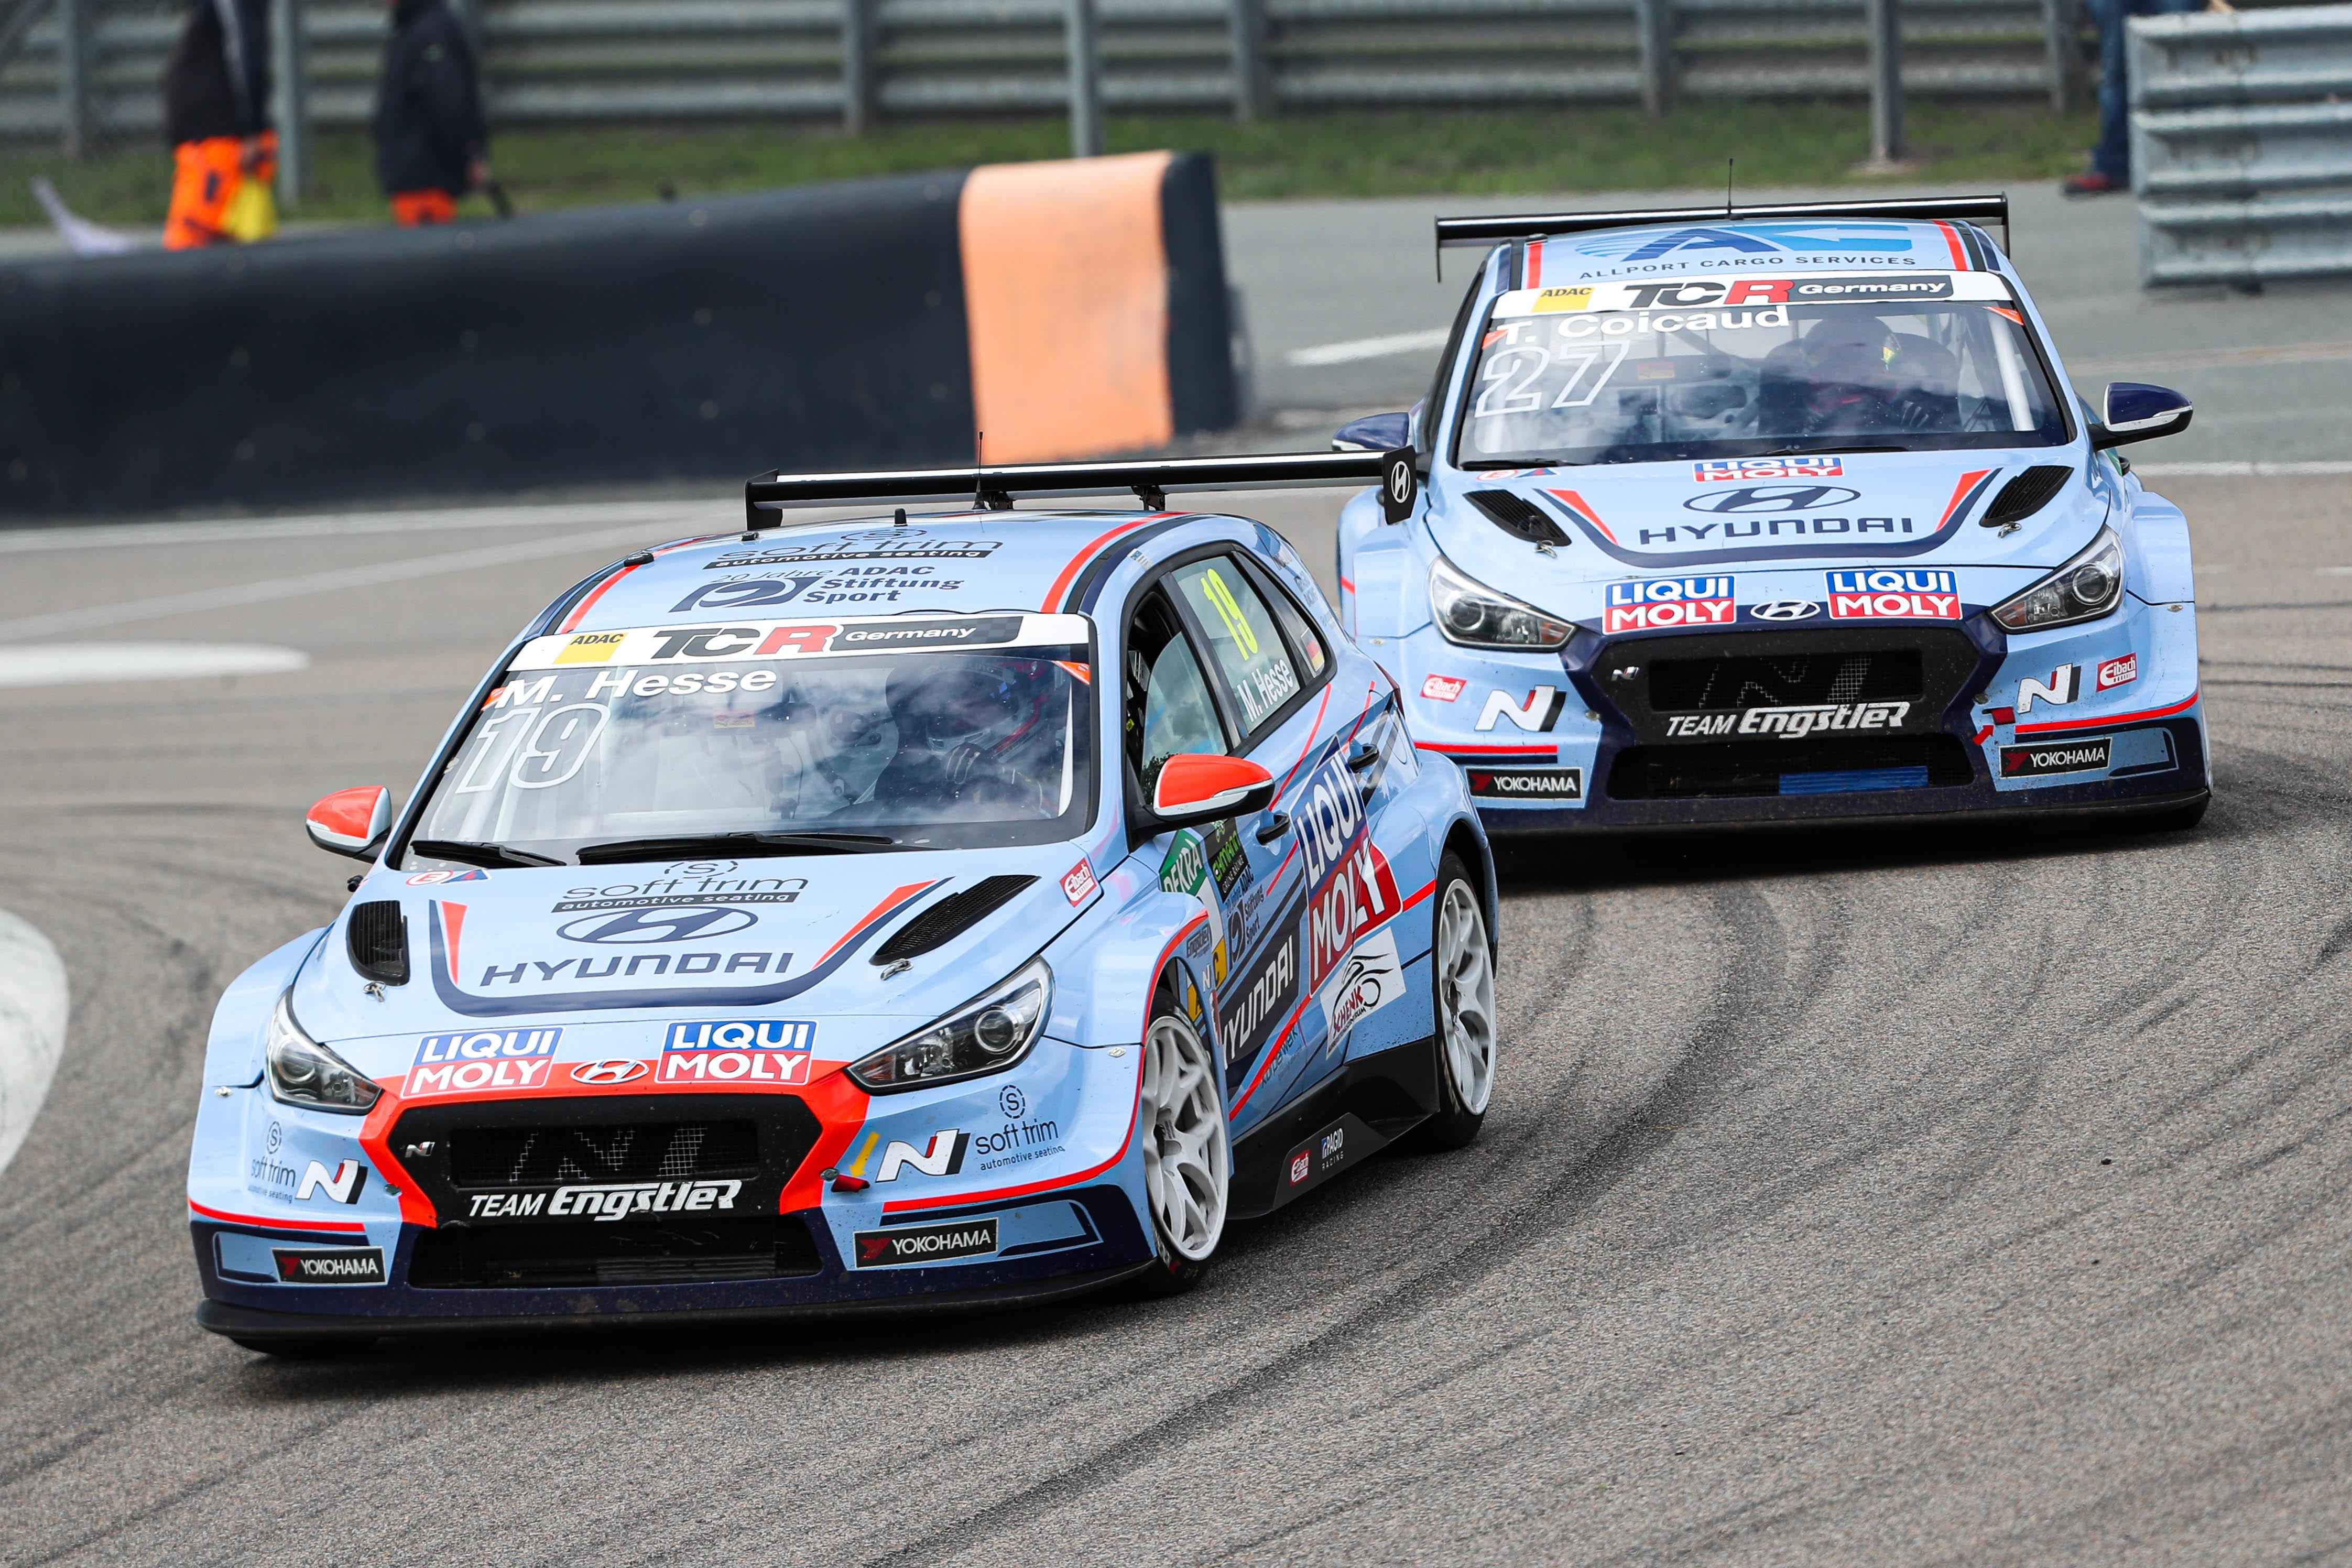 Hyundai Team Engstler - TCR Germany